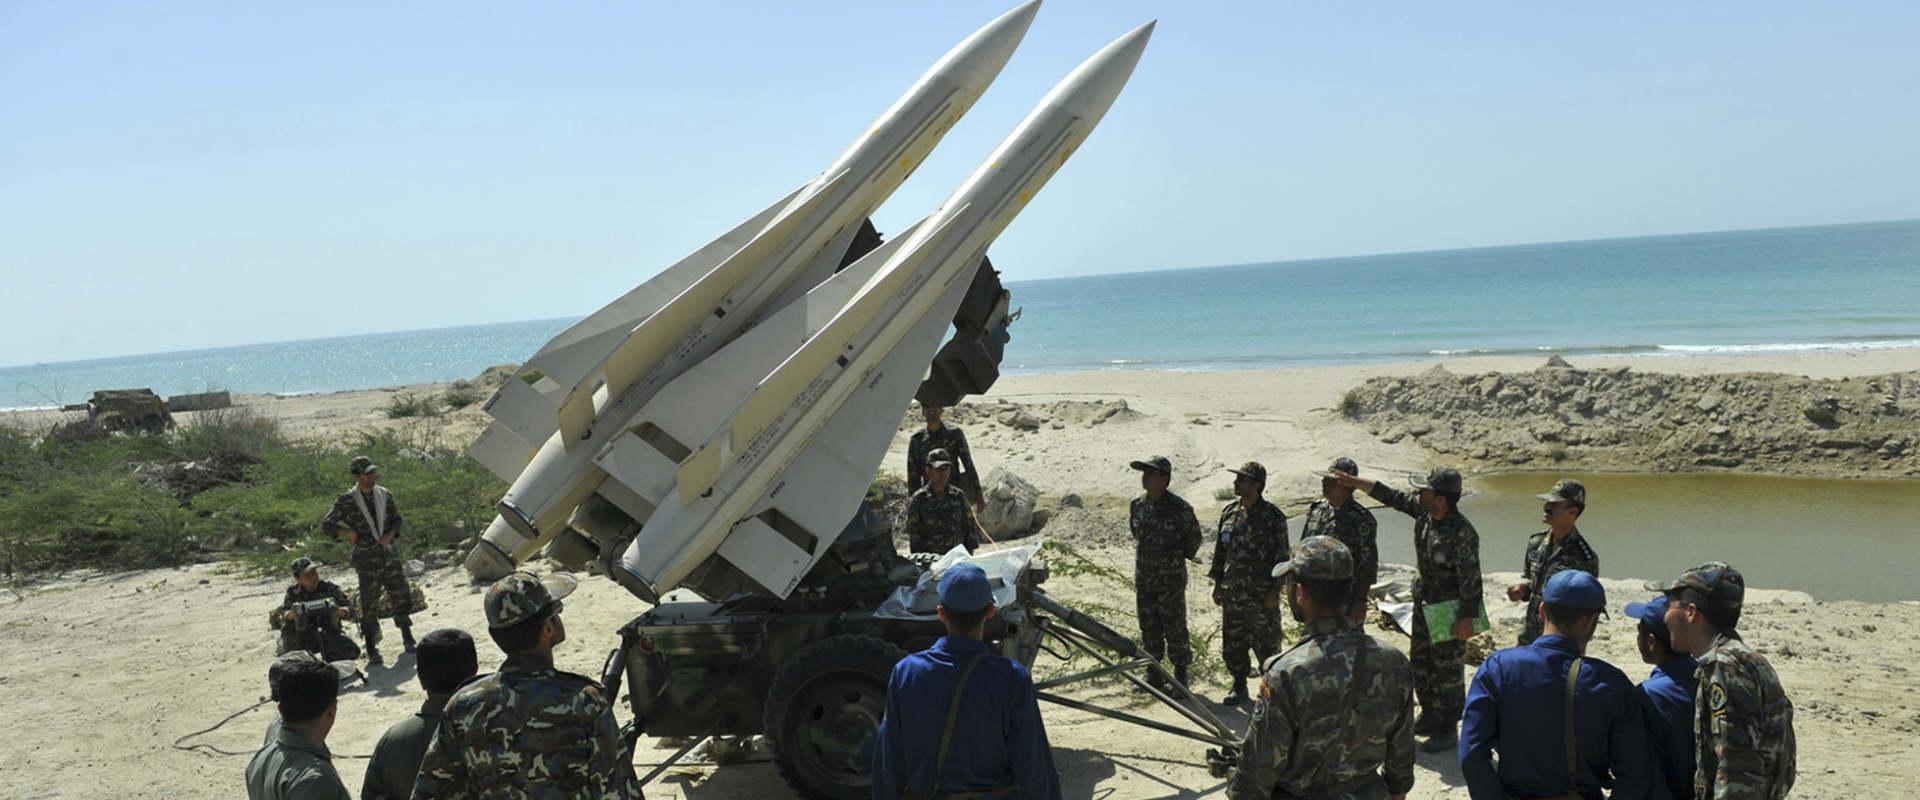 חיילים בצבא איראן בתמרון צבאי, במאי